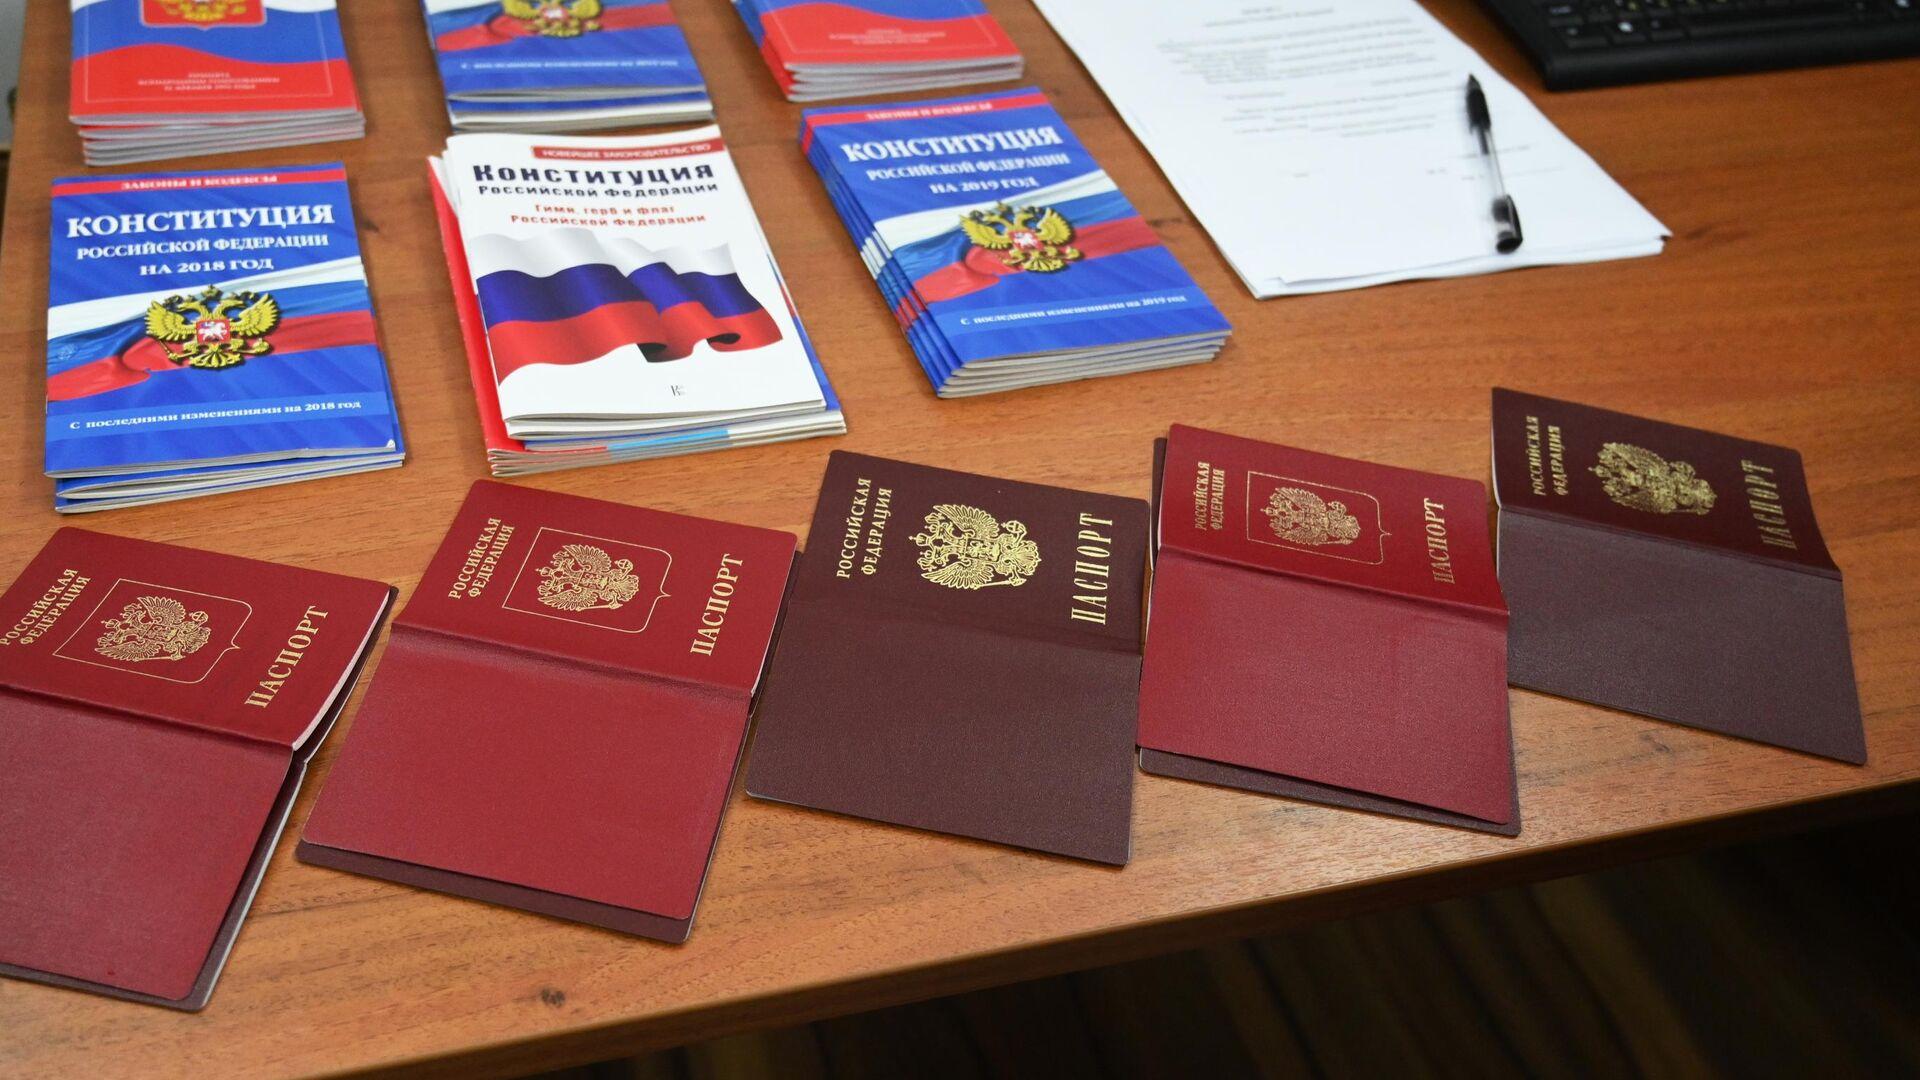 Выдача российских паспортов гражданам ДНР и ЛНР - РИА Новости, 1920, 16.03.2021